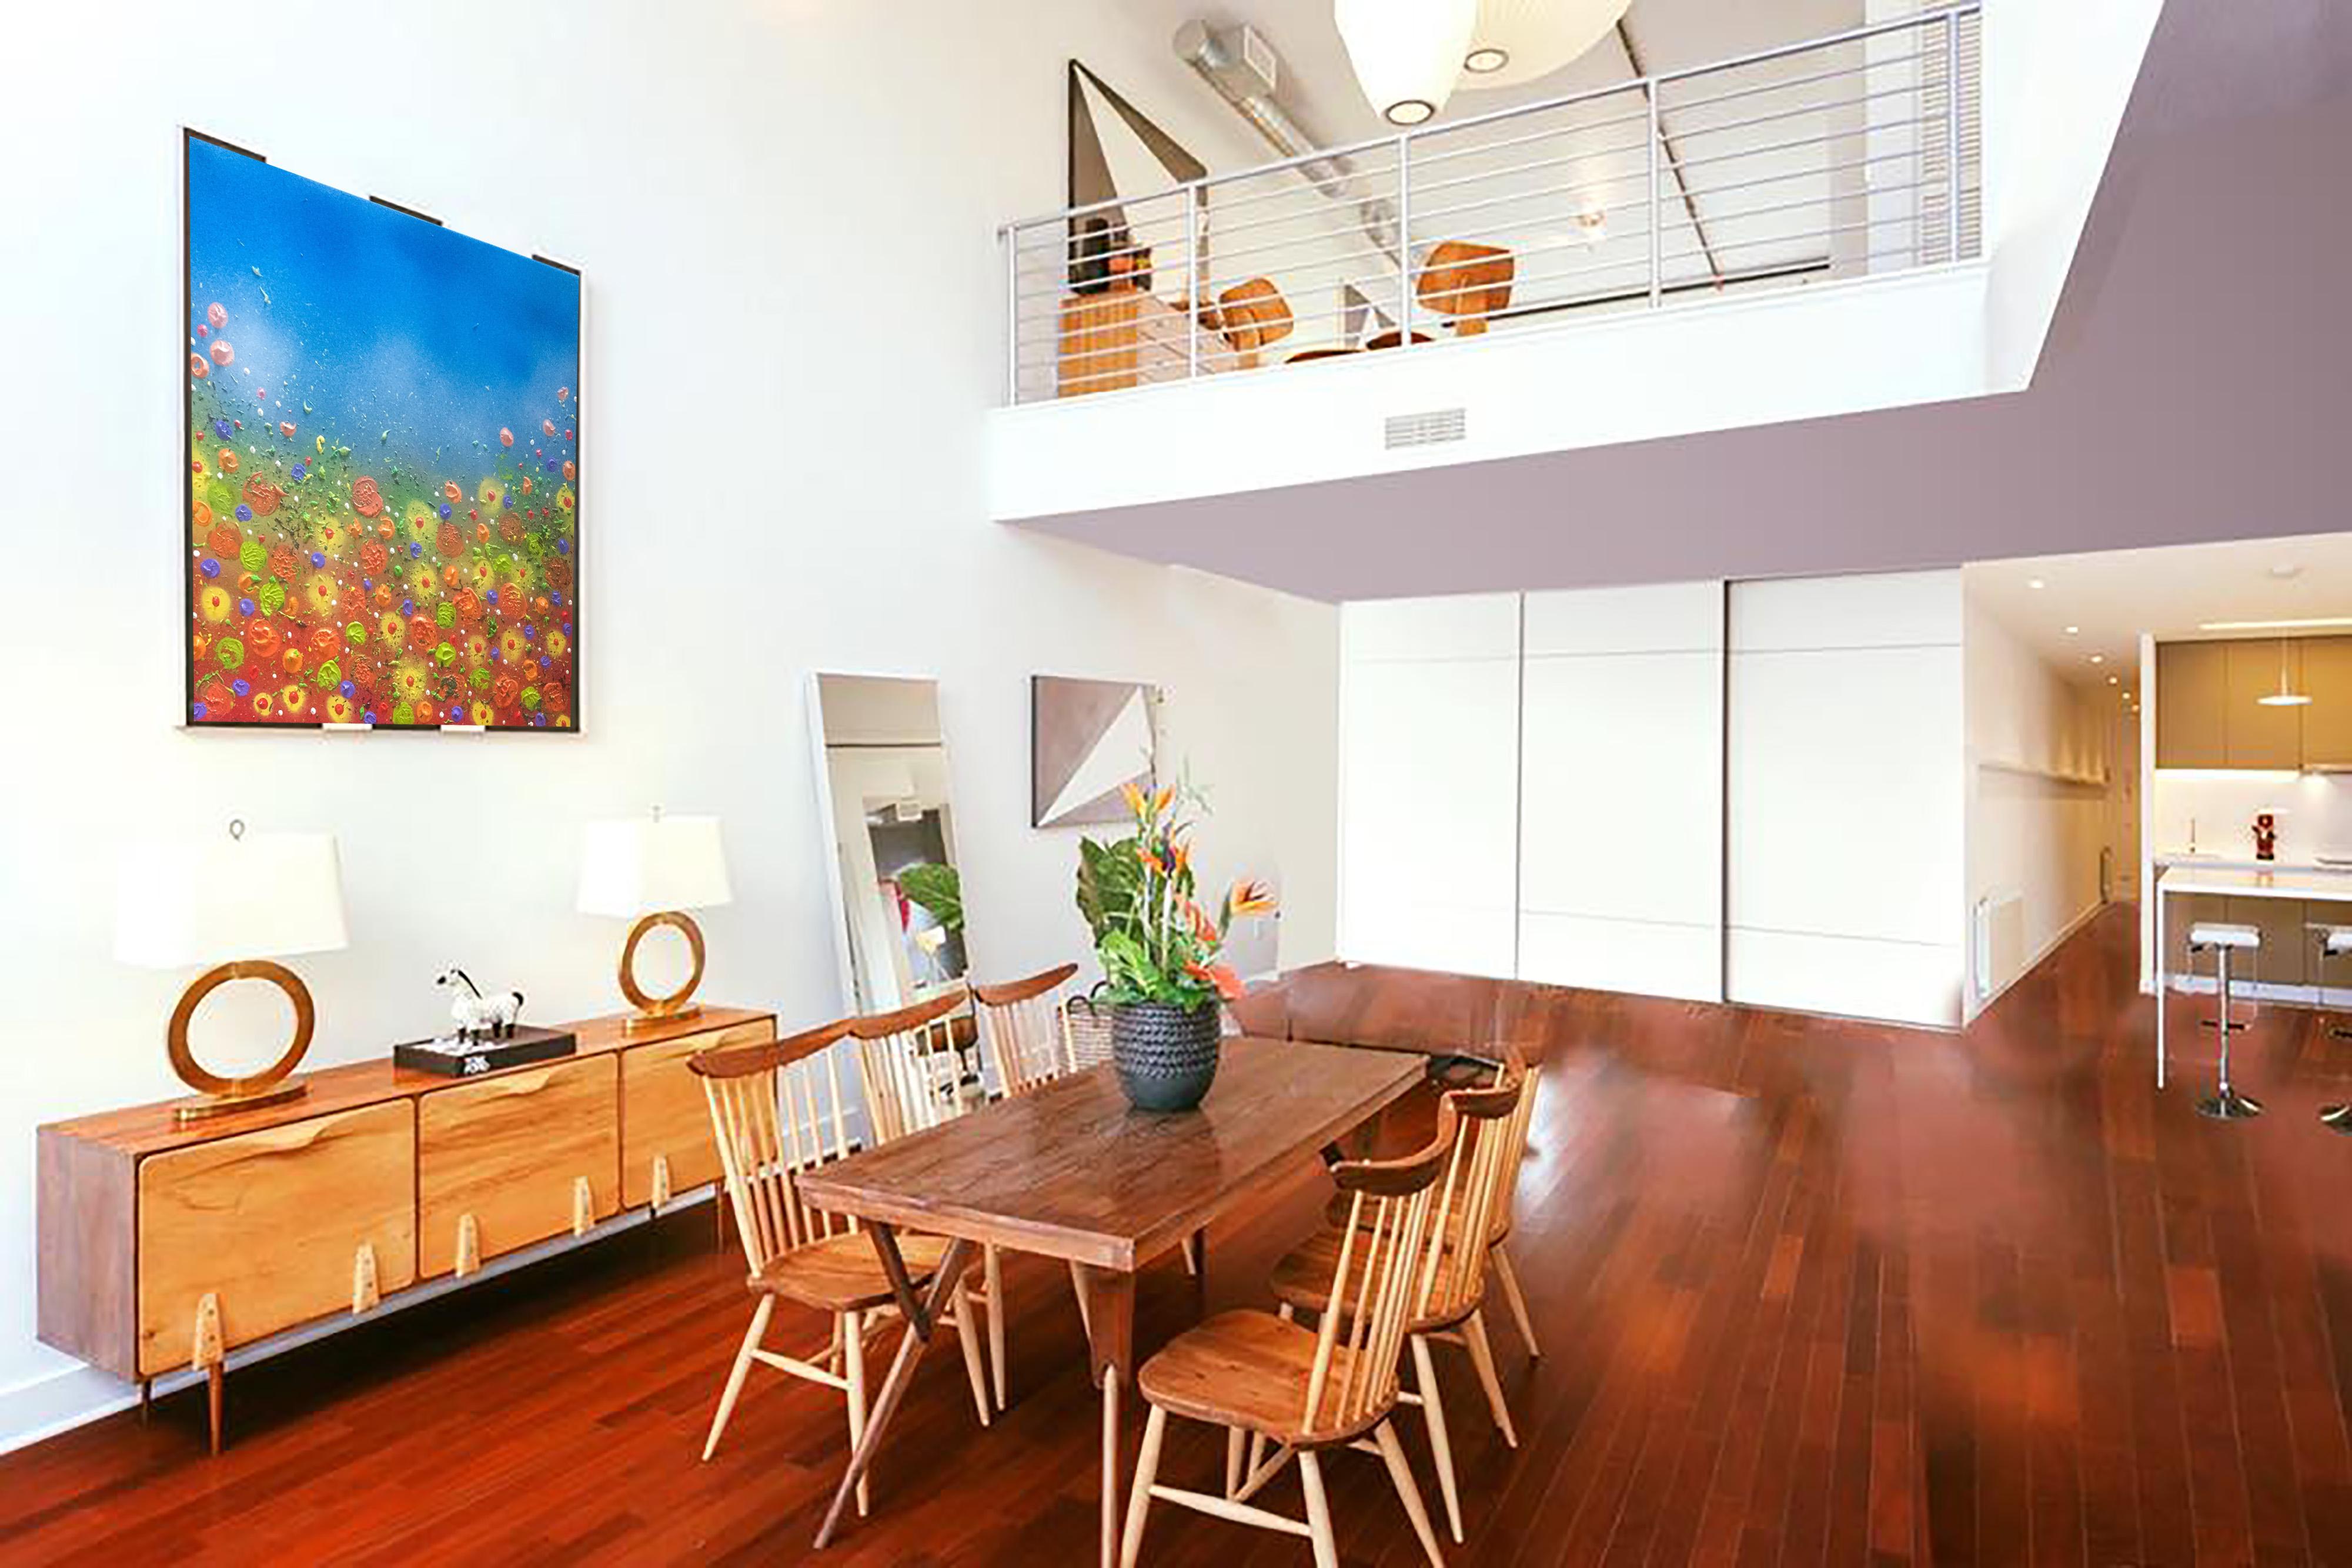 Interiorismo decoraci n y mobiliario studio3 for Mobiliario balcon